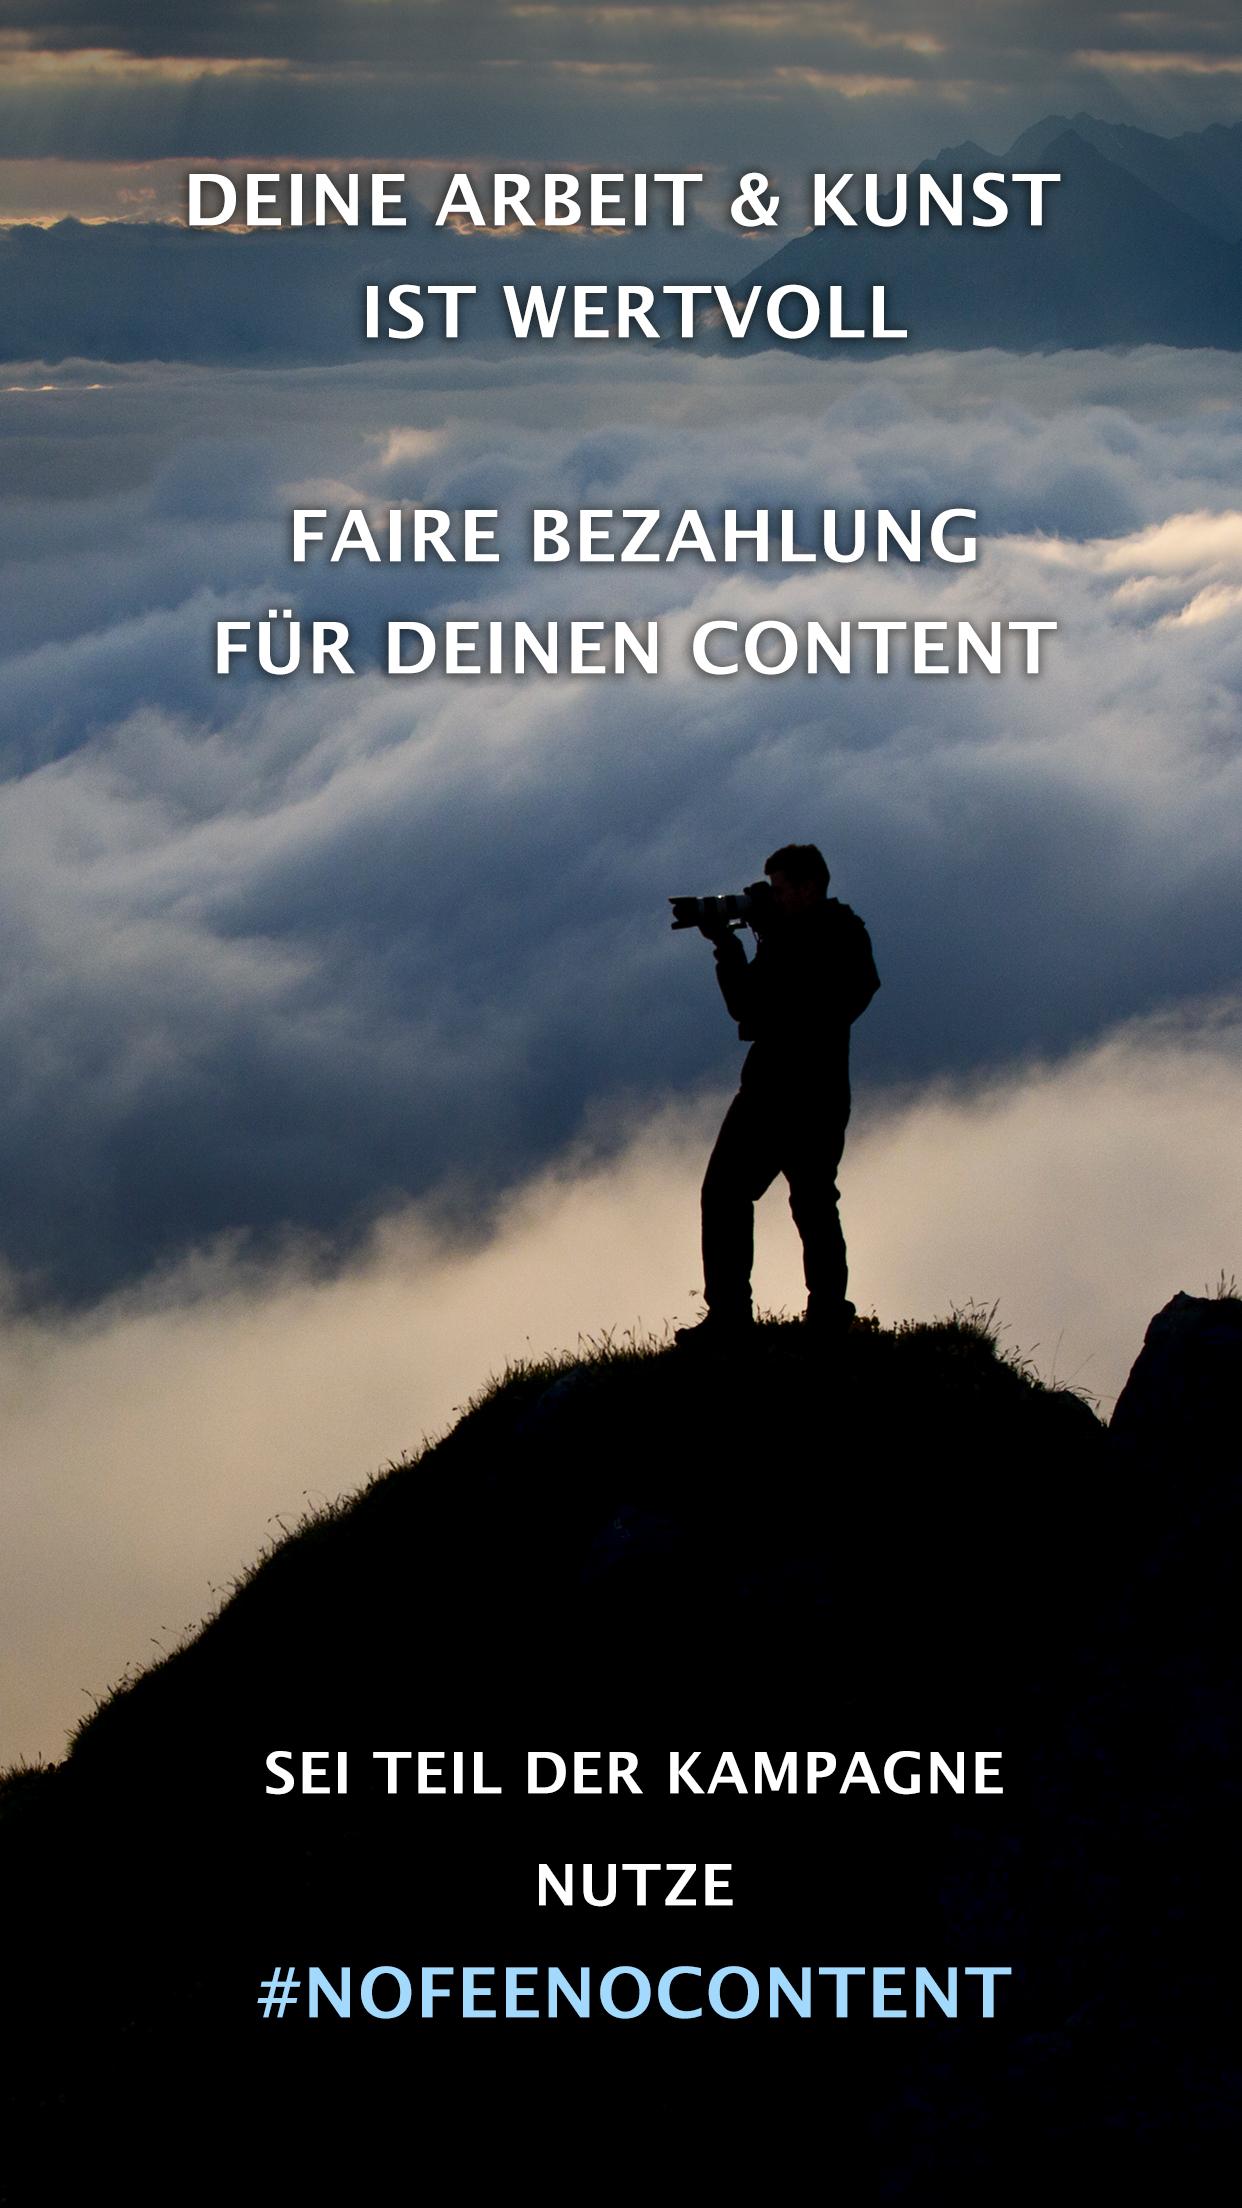 #nofeenocontent